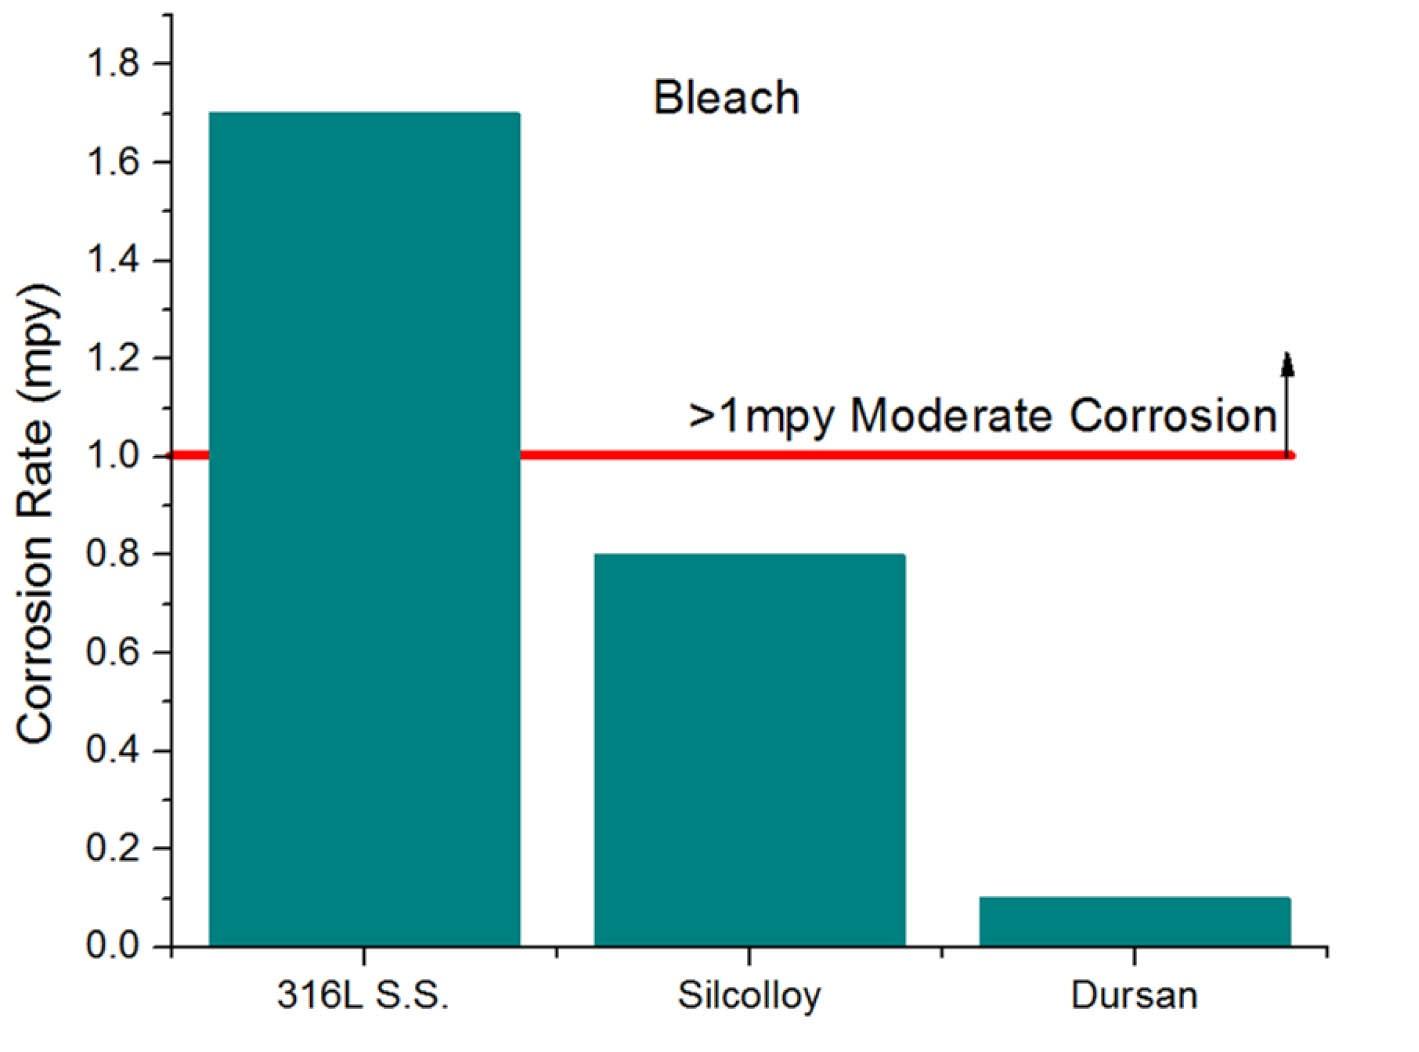 Dursan_bleach_comparison.jpg